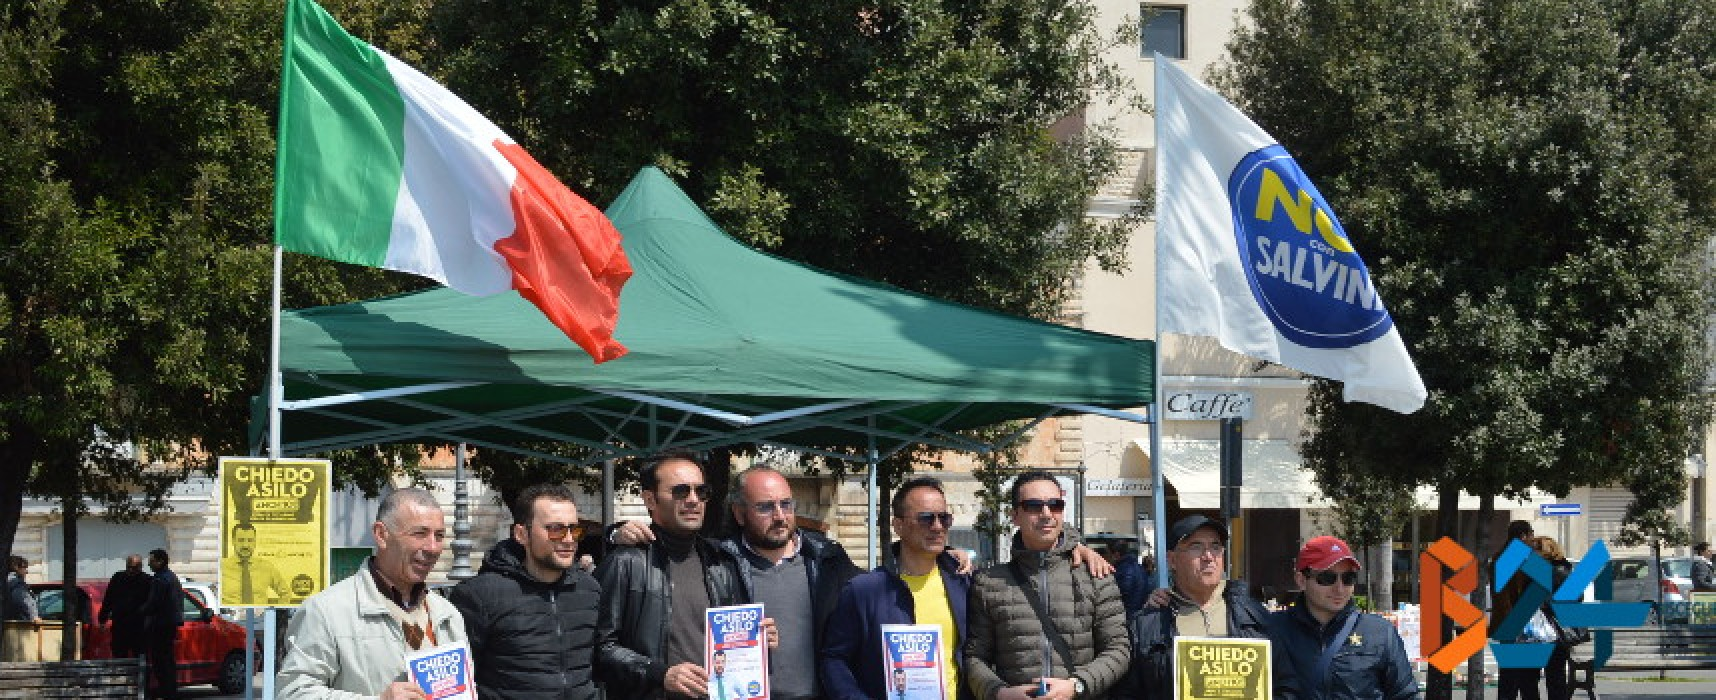 Gazebo di Noi con Salvini anche a Bisceglie, intervista a Rocco Prete e Rossano Sasso / VIDEO